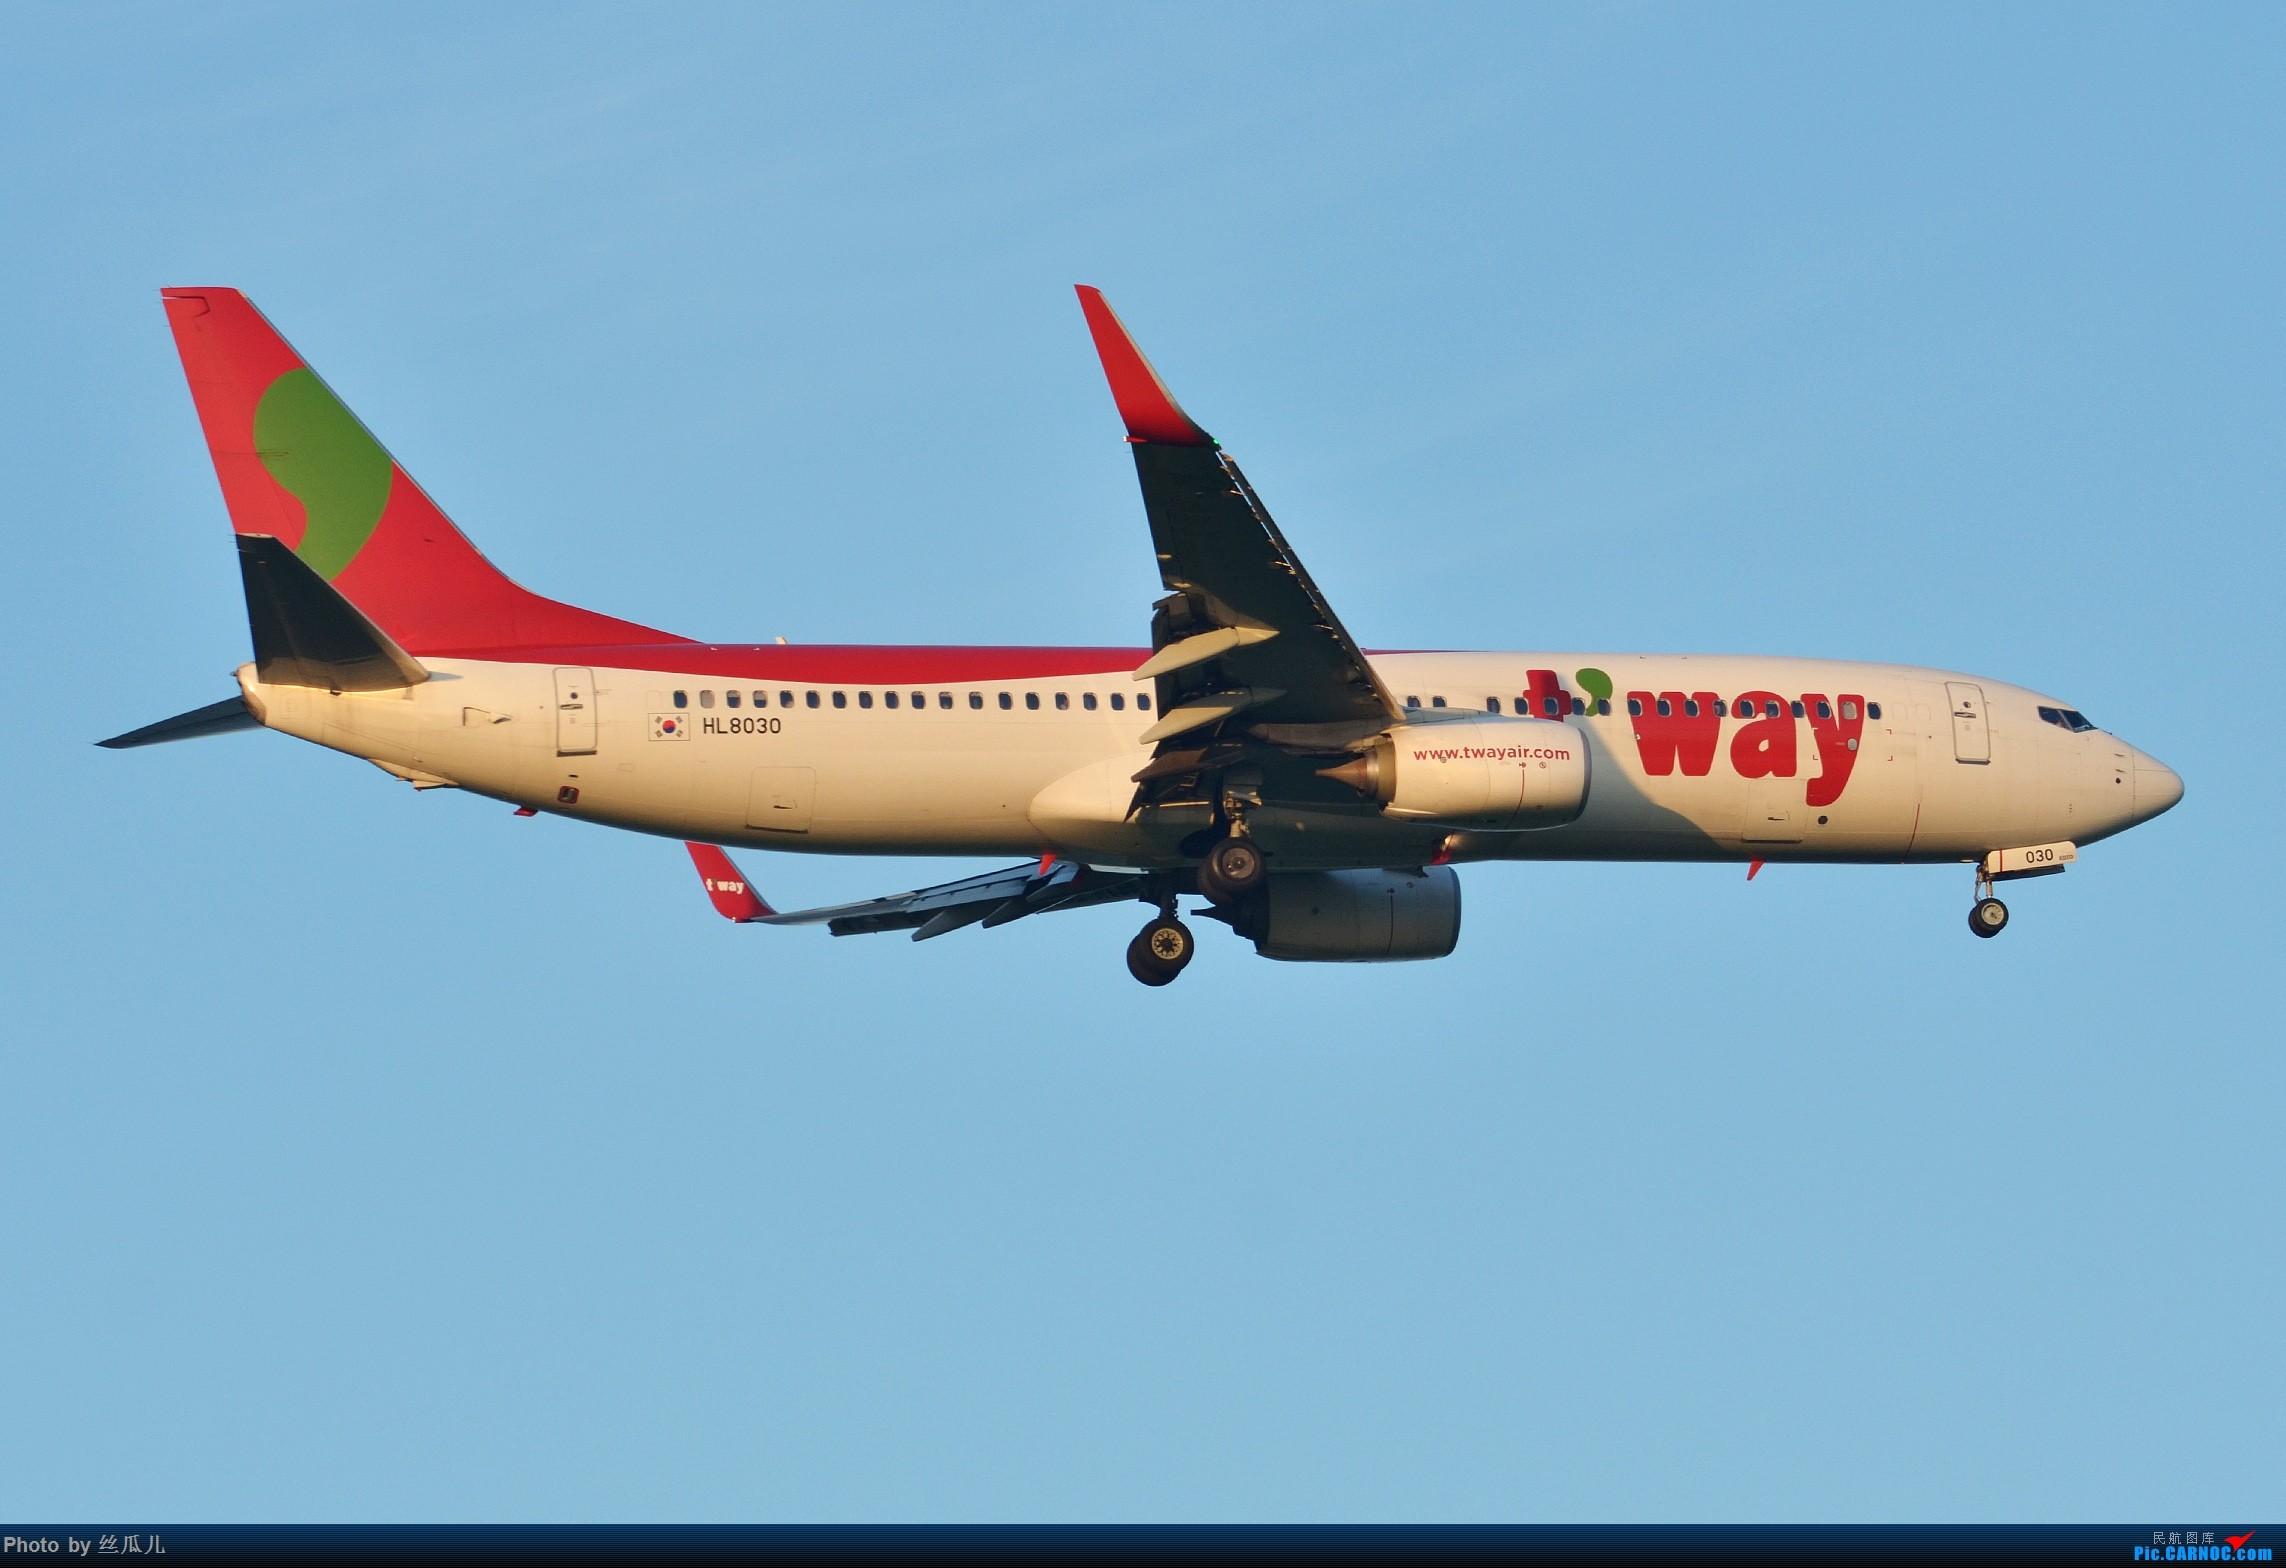 Re:[原创]【徘徊在HGH的丝瓜】瓜哥的高温福利继续发--稀罕的一抹红棒子机--感谢可爱的969的关键提示 BOEING 737-800 HL8030 中国上海浦东国际机场